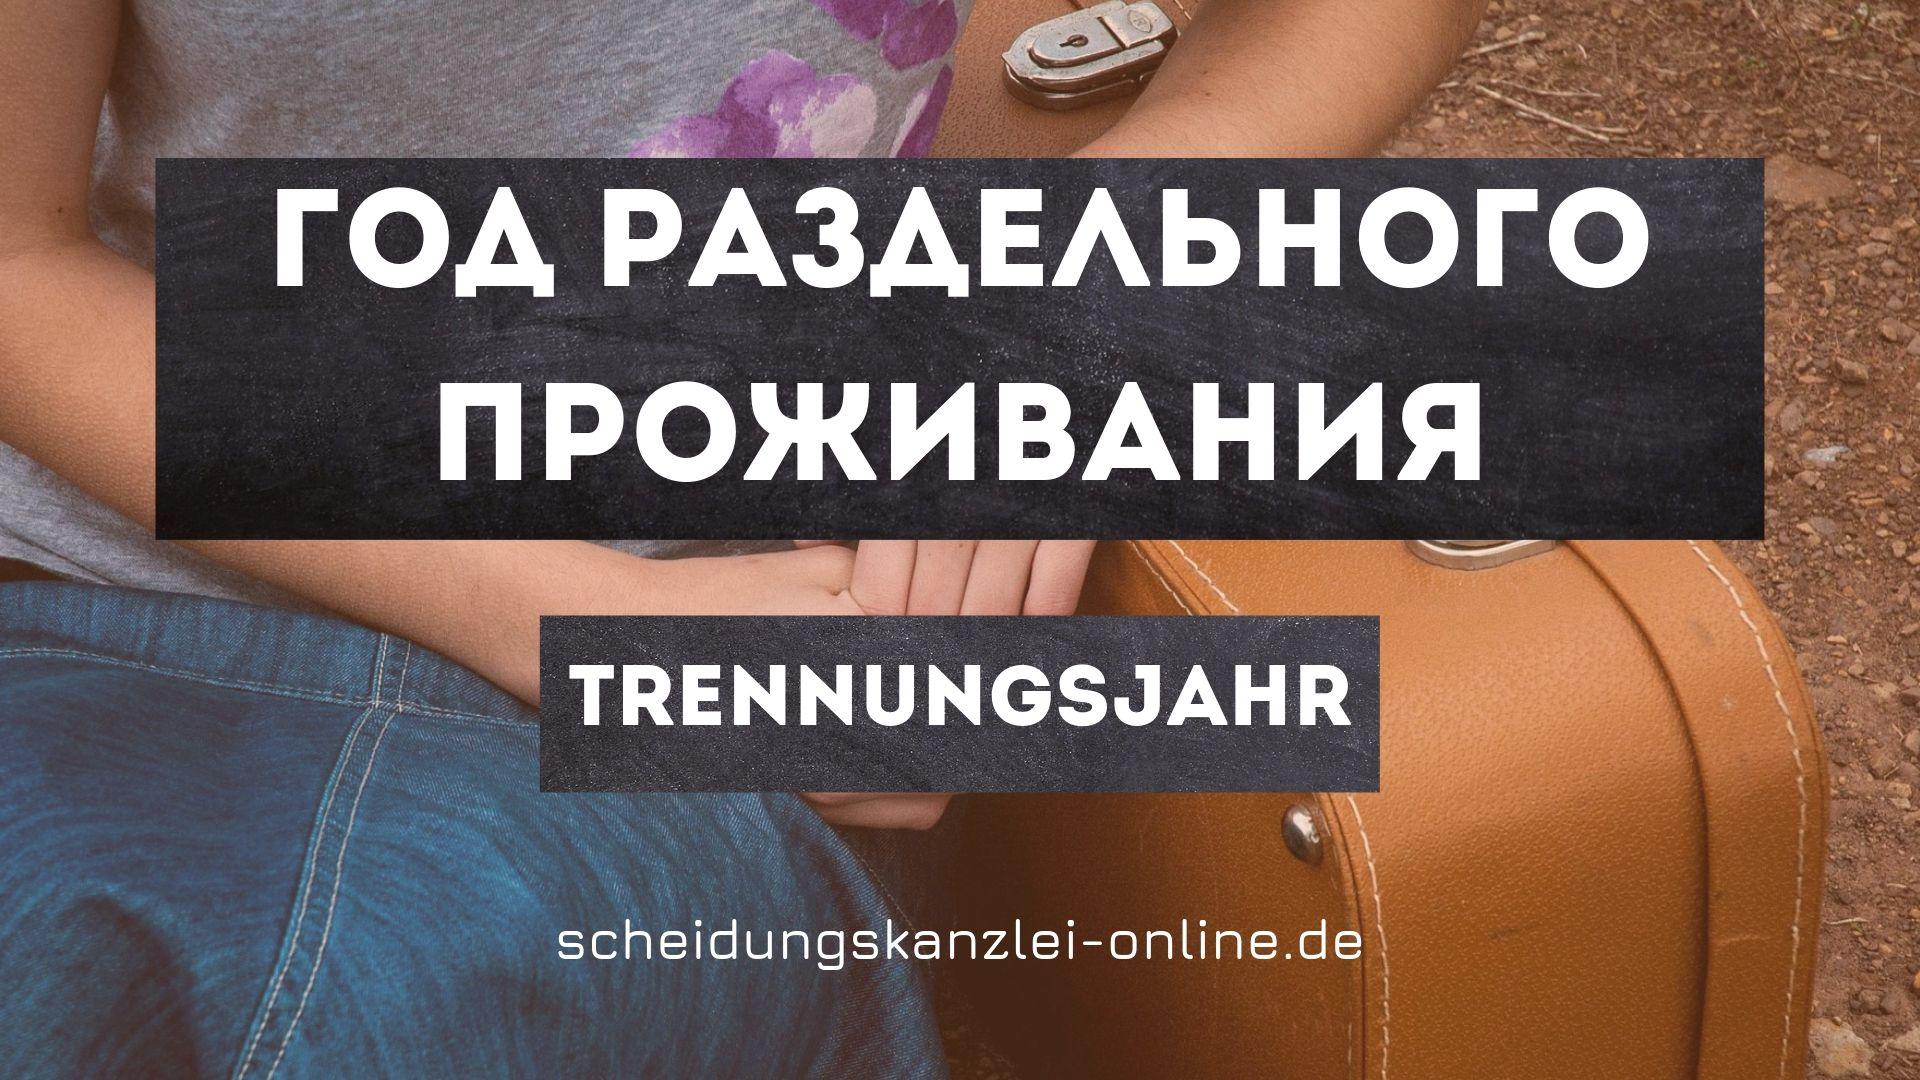 Год раздельного проживания - обязательное условие для развода в Германии